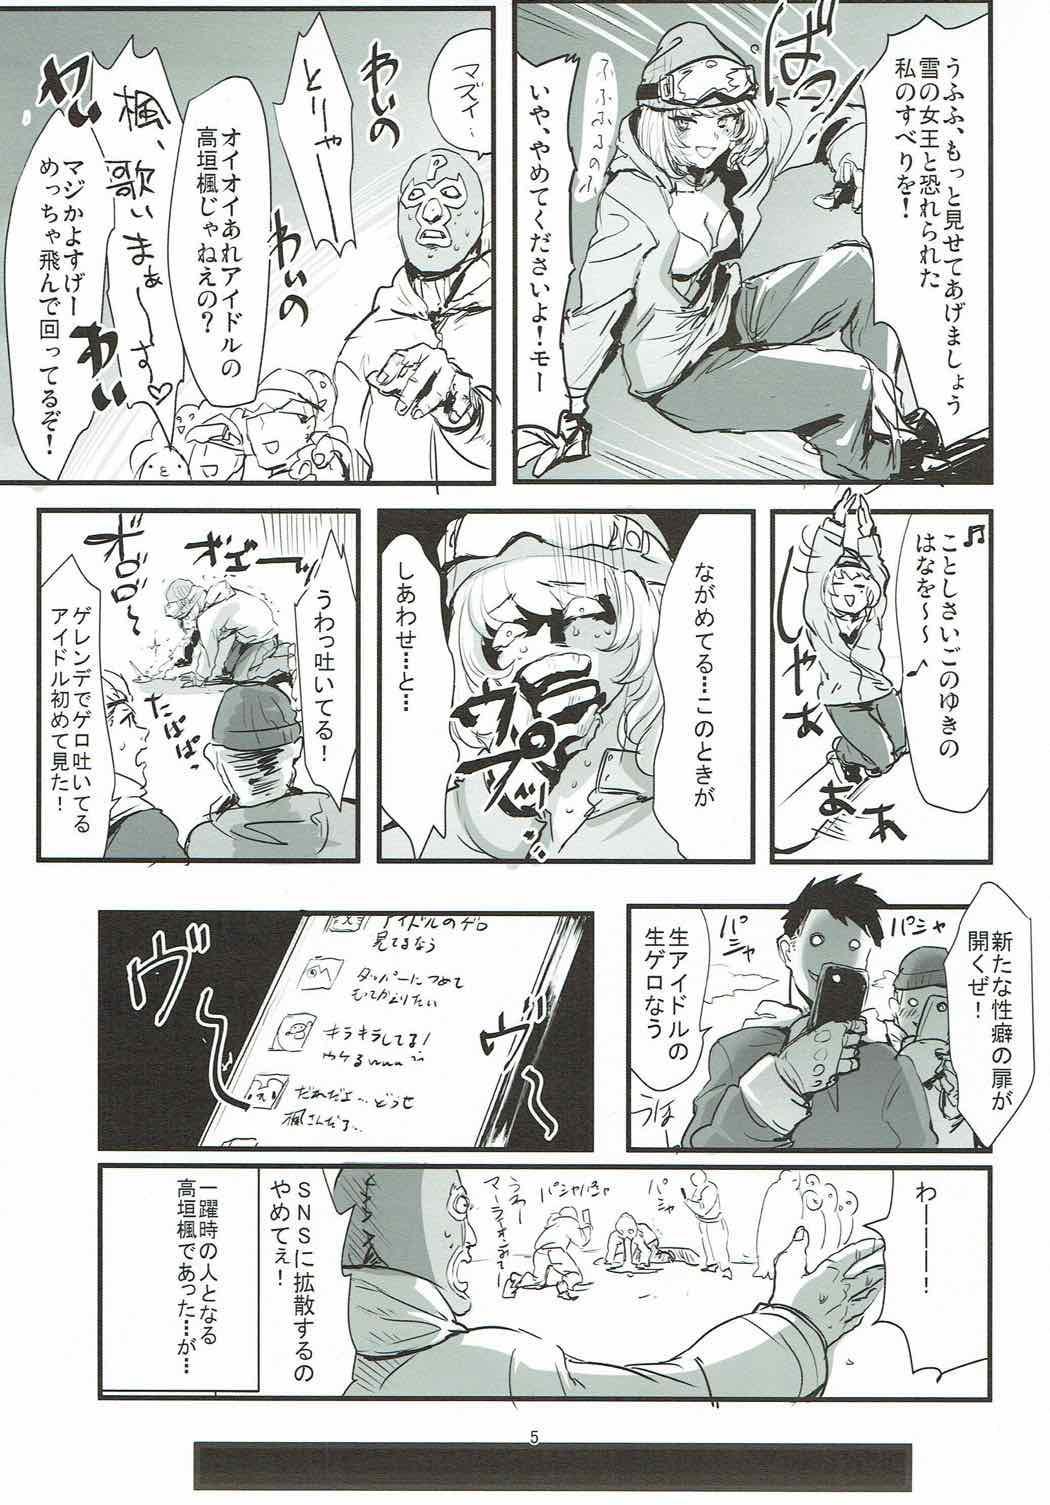 Yukemuri Hitou Kaede no Yu 3